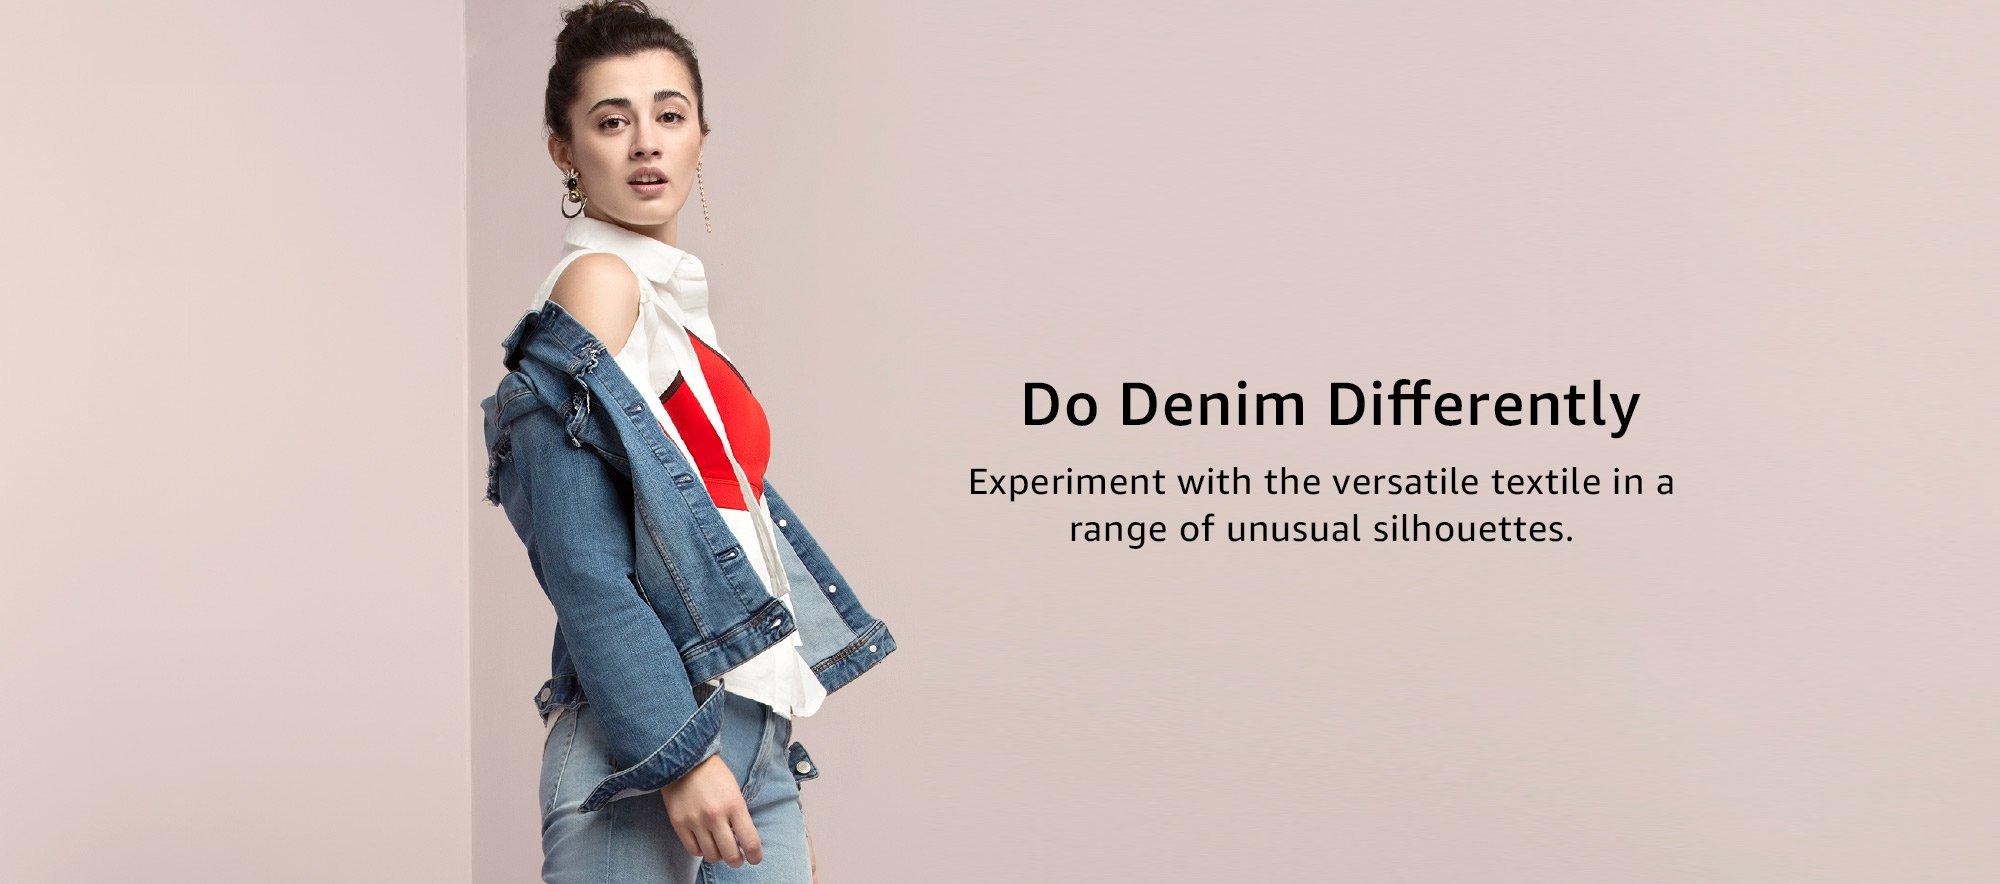 Do denim differently